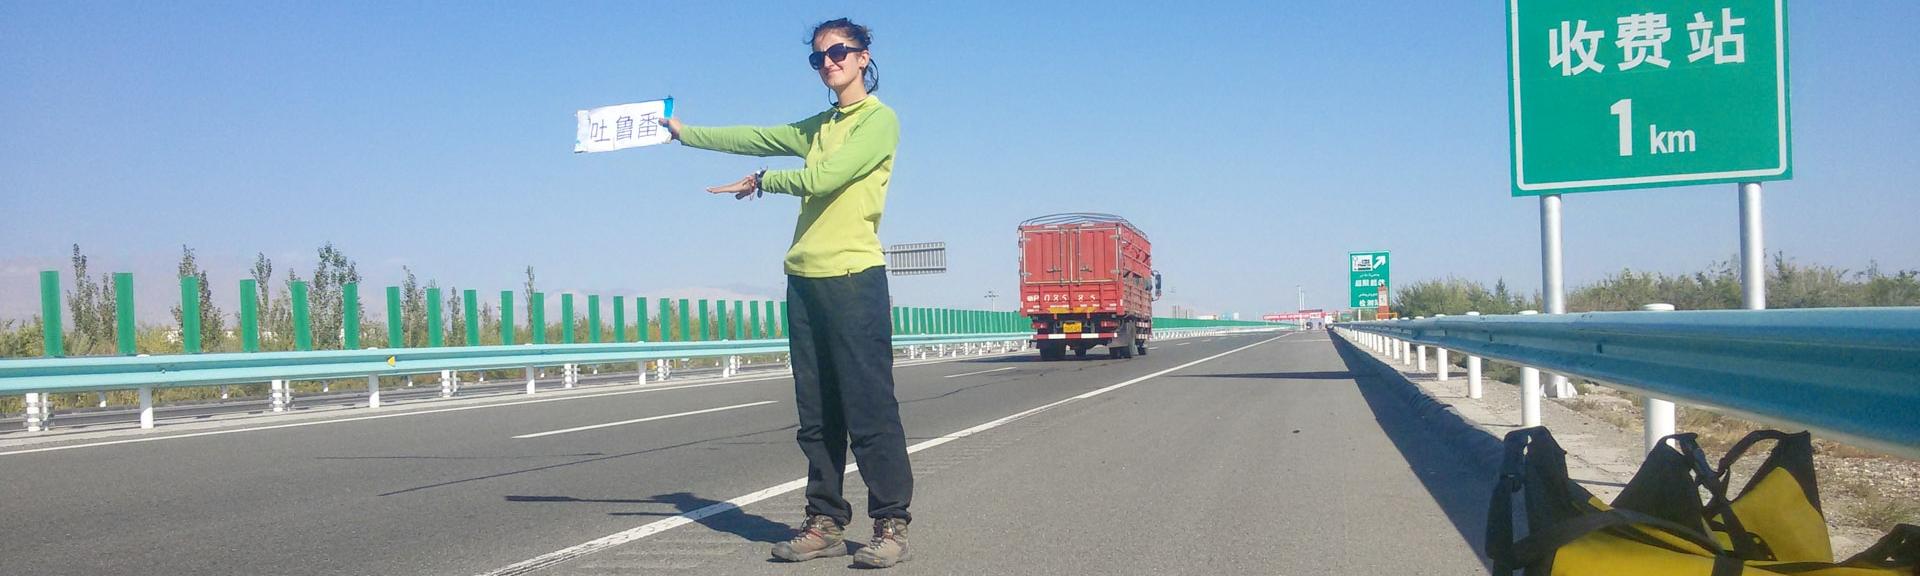 Çin'de otostop çekmek